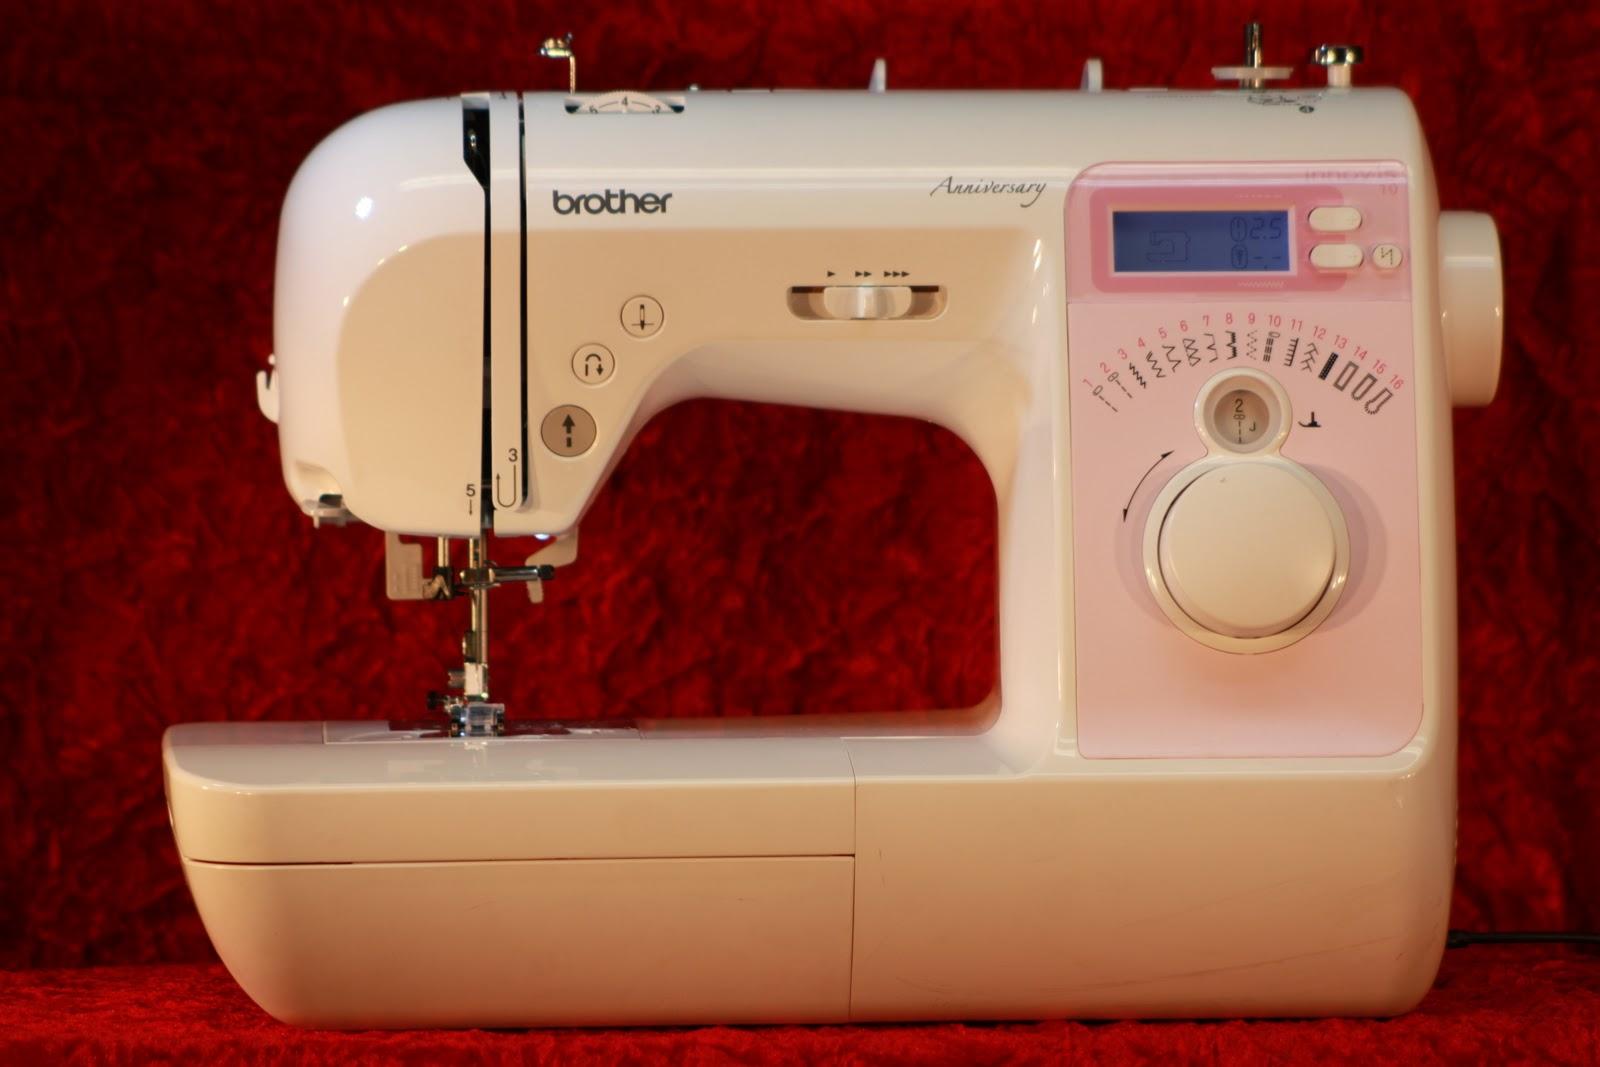 Achat vente et r paration de machine coudre et broder machine a coudre brother innov is 10 - Reparation machine a coudre brother ...